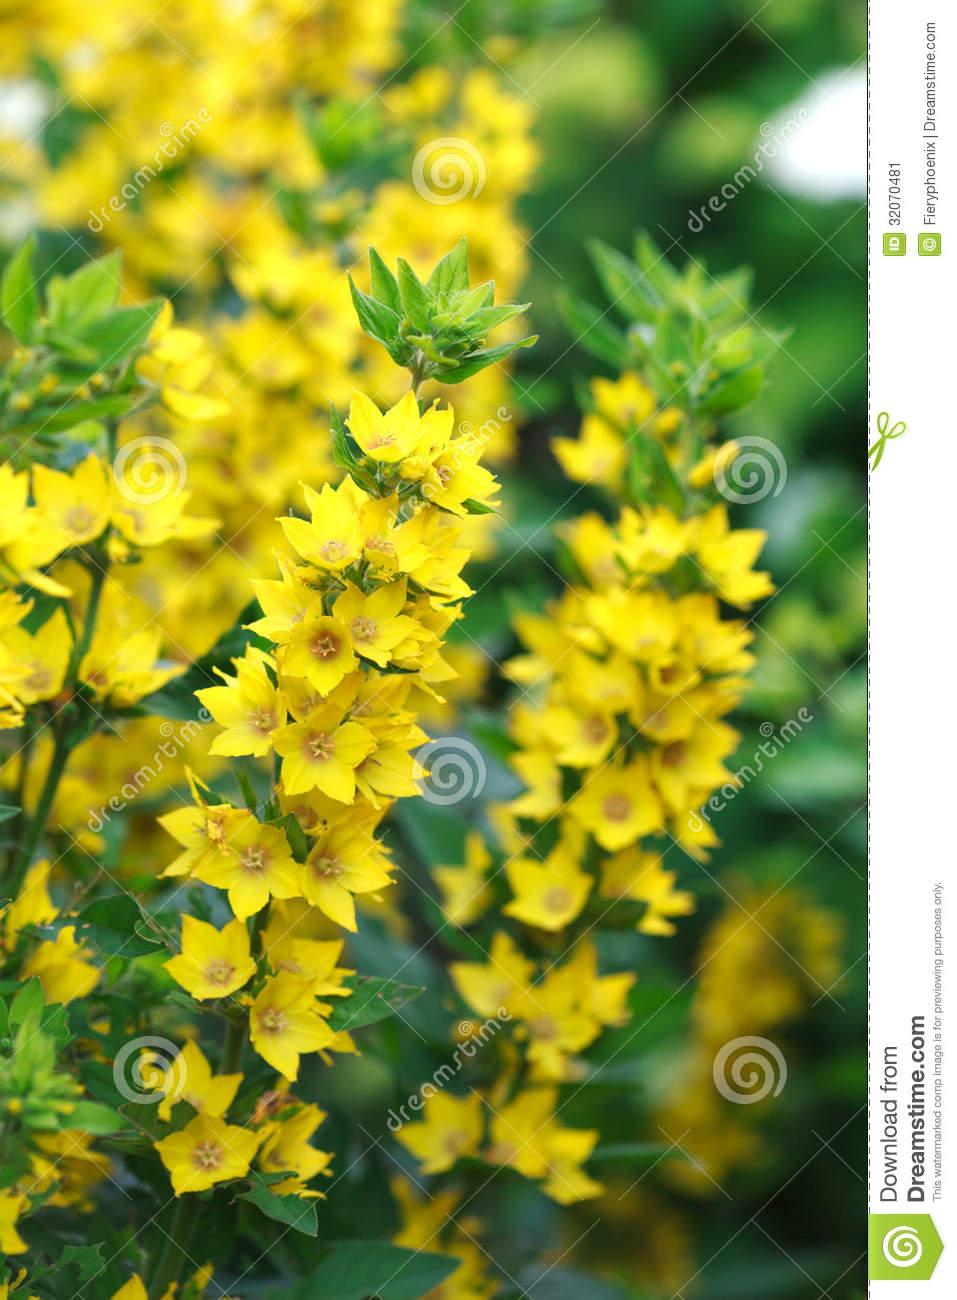 Многолетник с желтыми цветами название - Цветы на даче 1